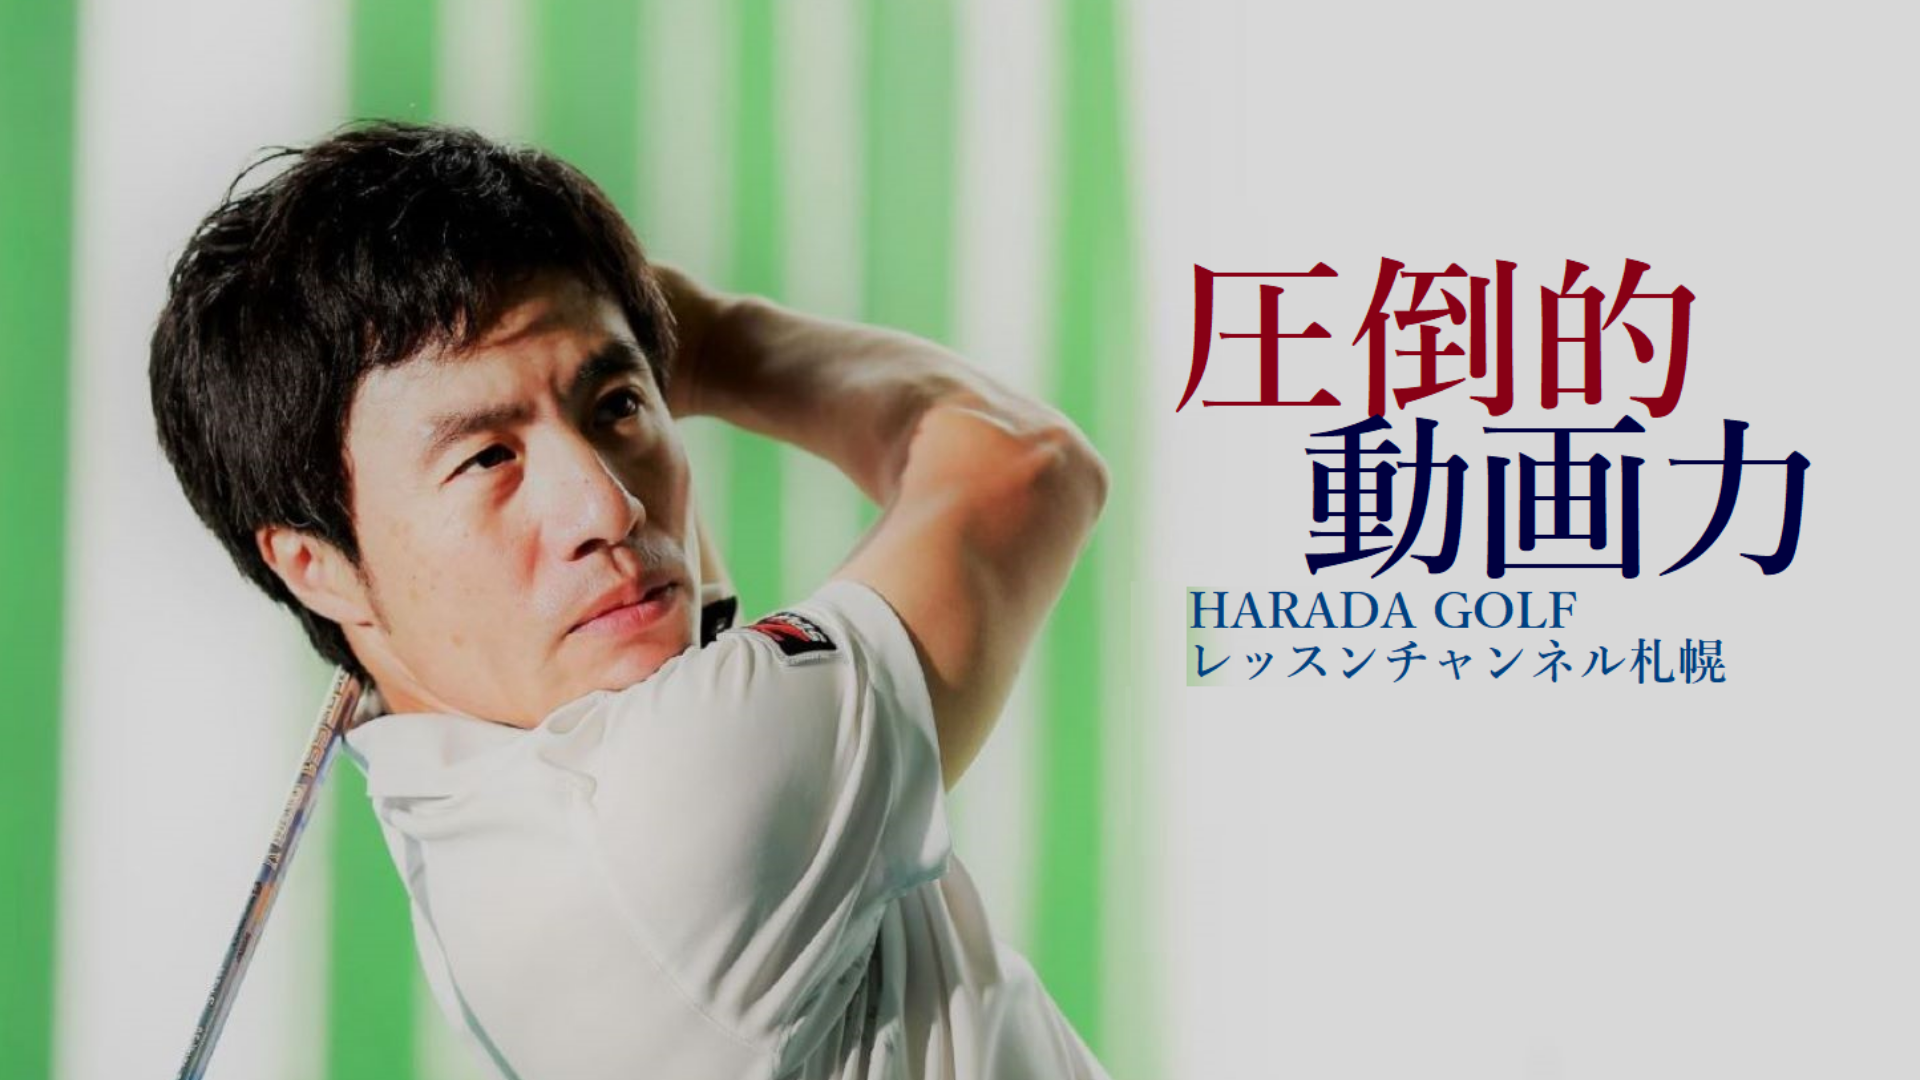 ハラダゴルフ レッスンチャンネル   原田修平